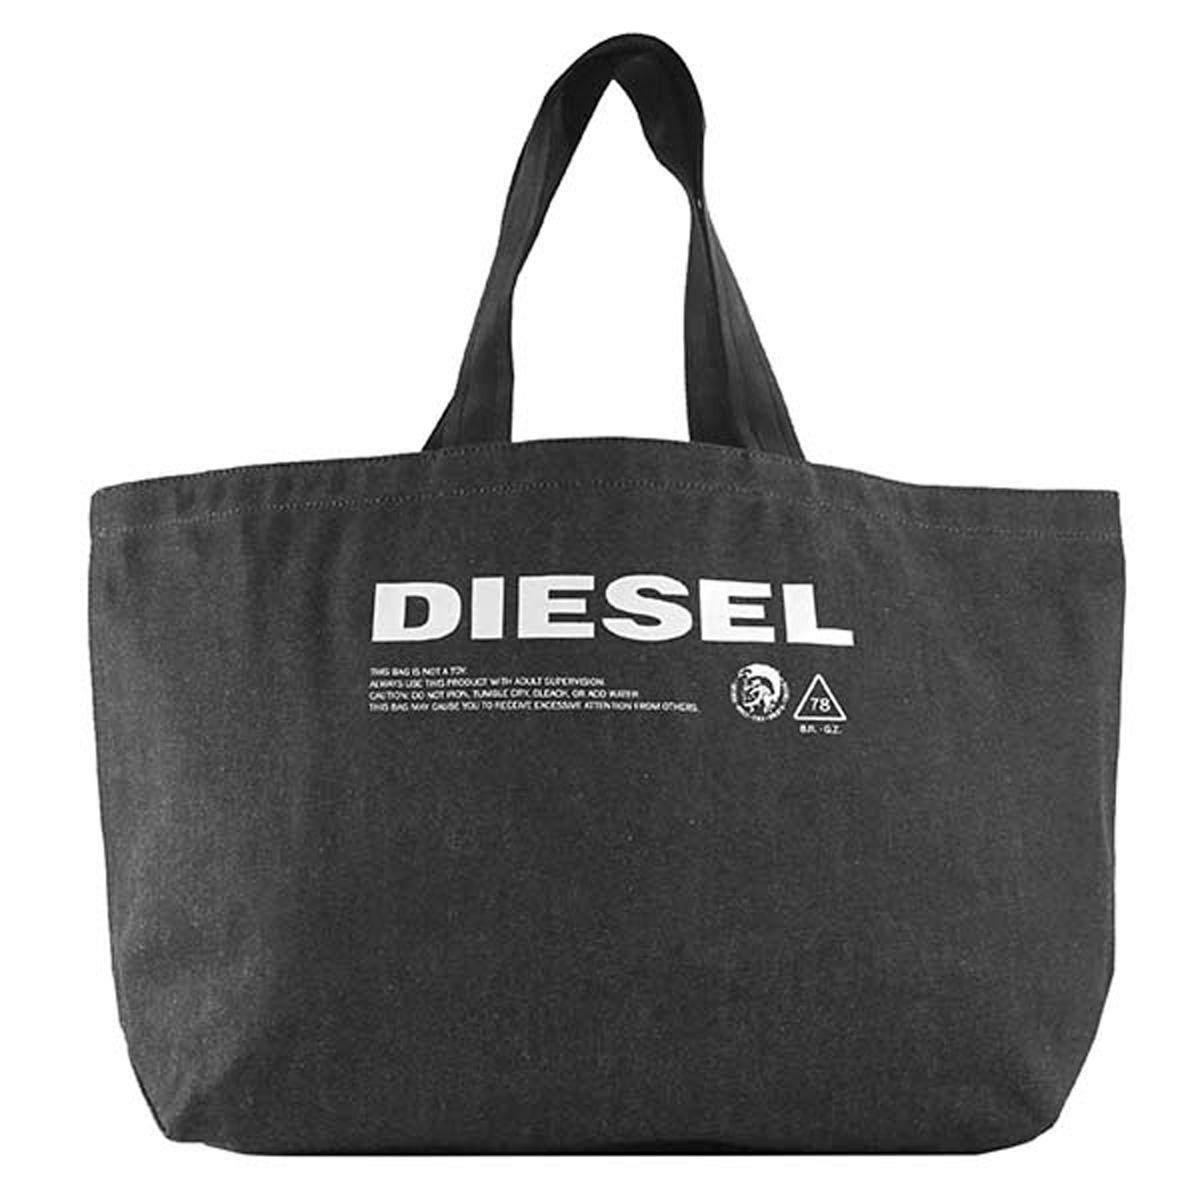 47dd115447d5 ディーゼル バッグ メンズ トート ブランド レディース トートバッグ 大きめ ショルダーバッグ おしゃれ デニム生地 旅行バッグ